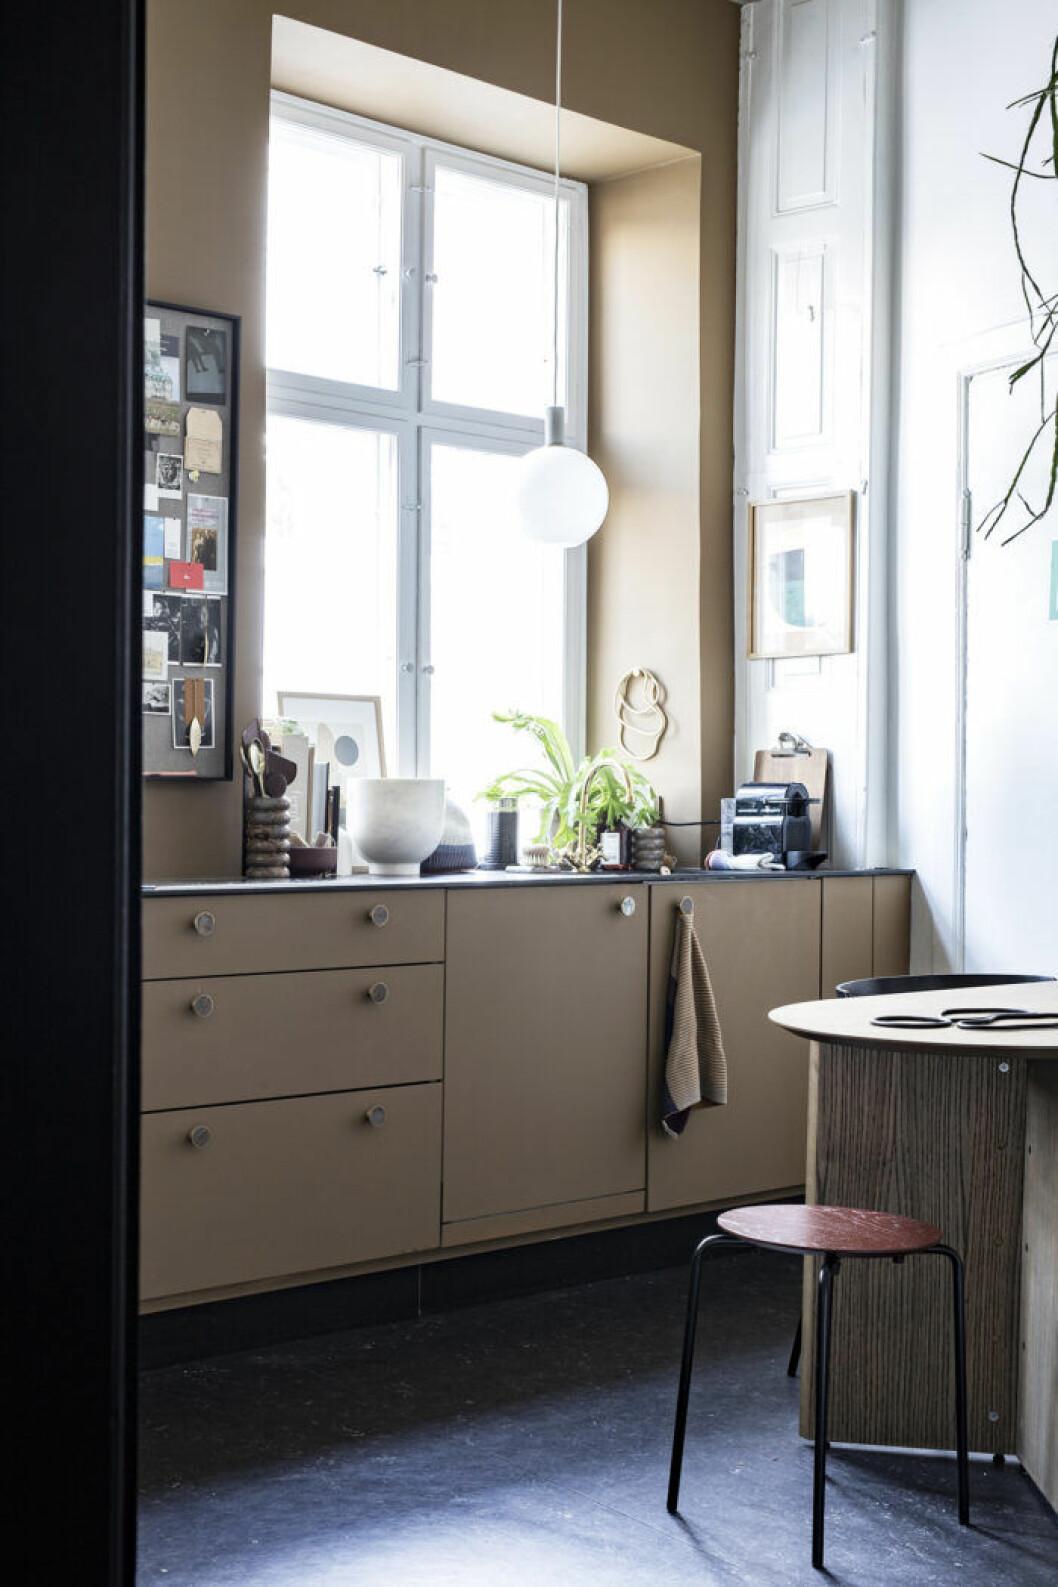 En beigebrun neutral nyans är ett trendigt färgval